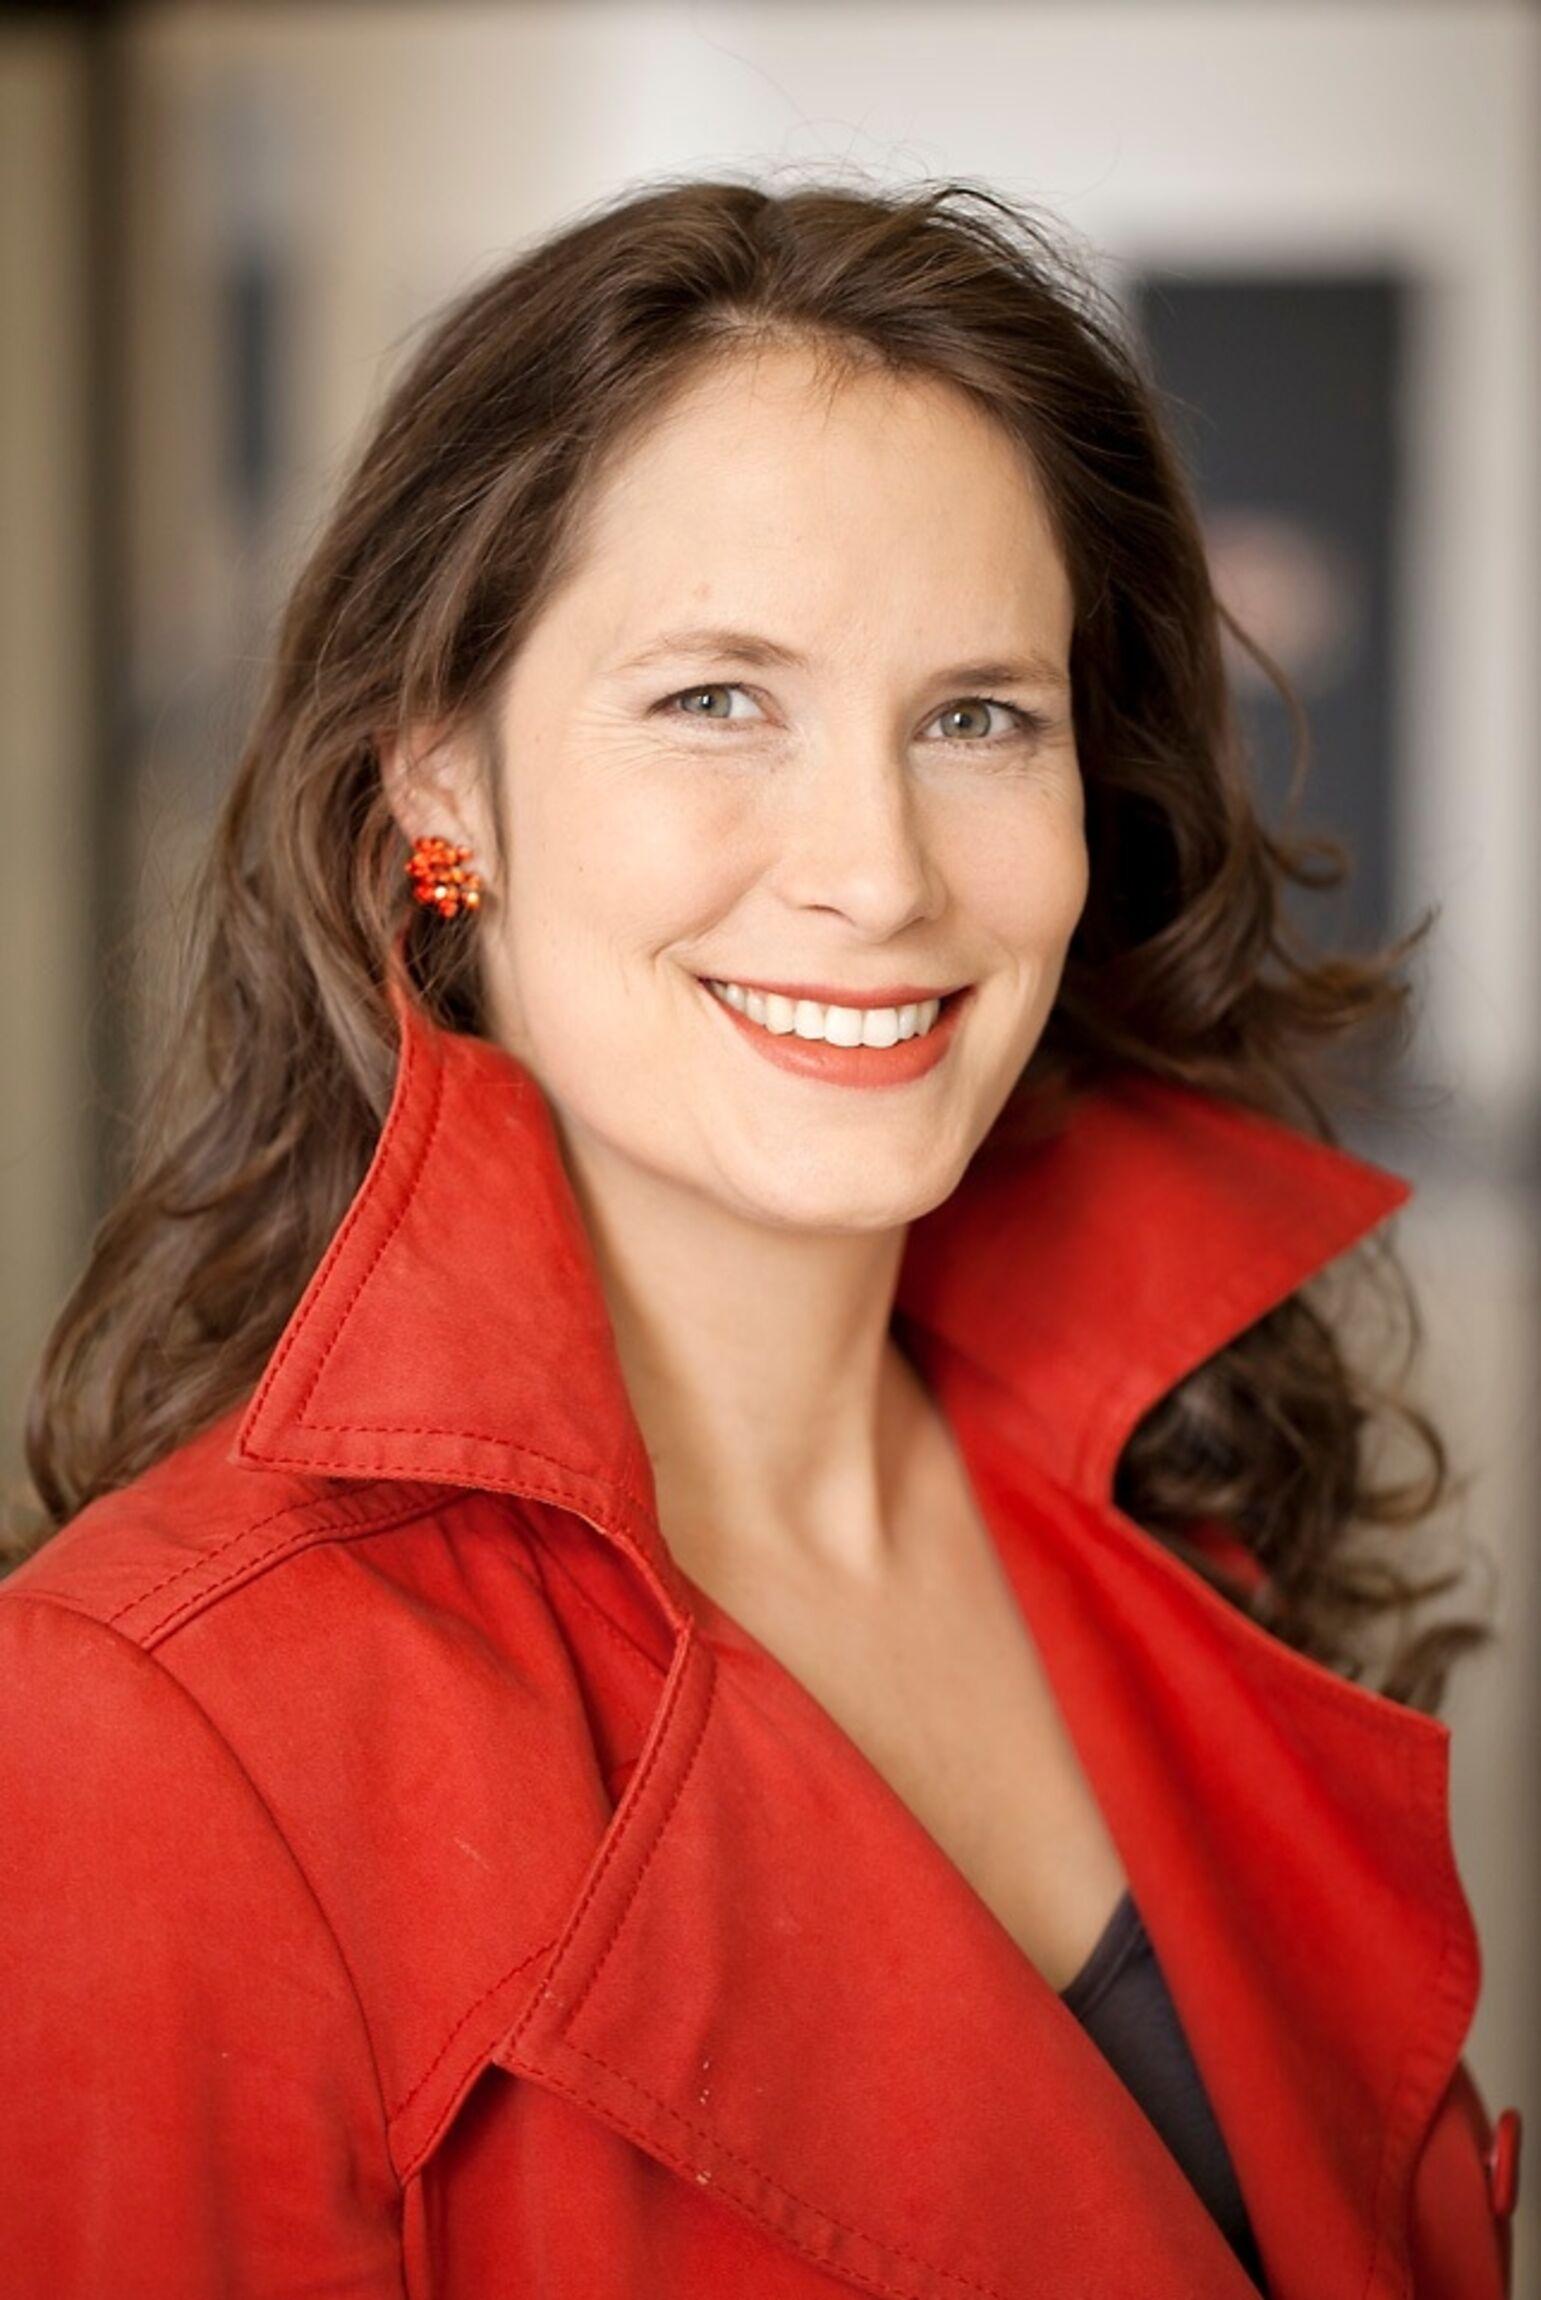 Stefanie Golisch